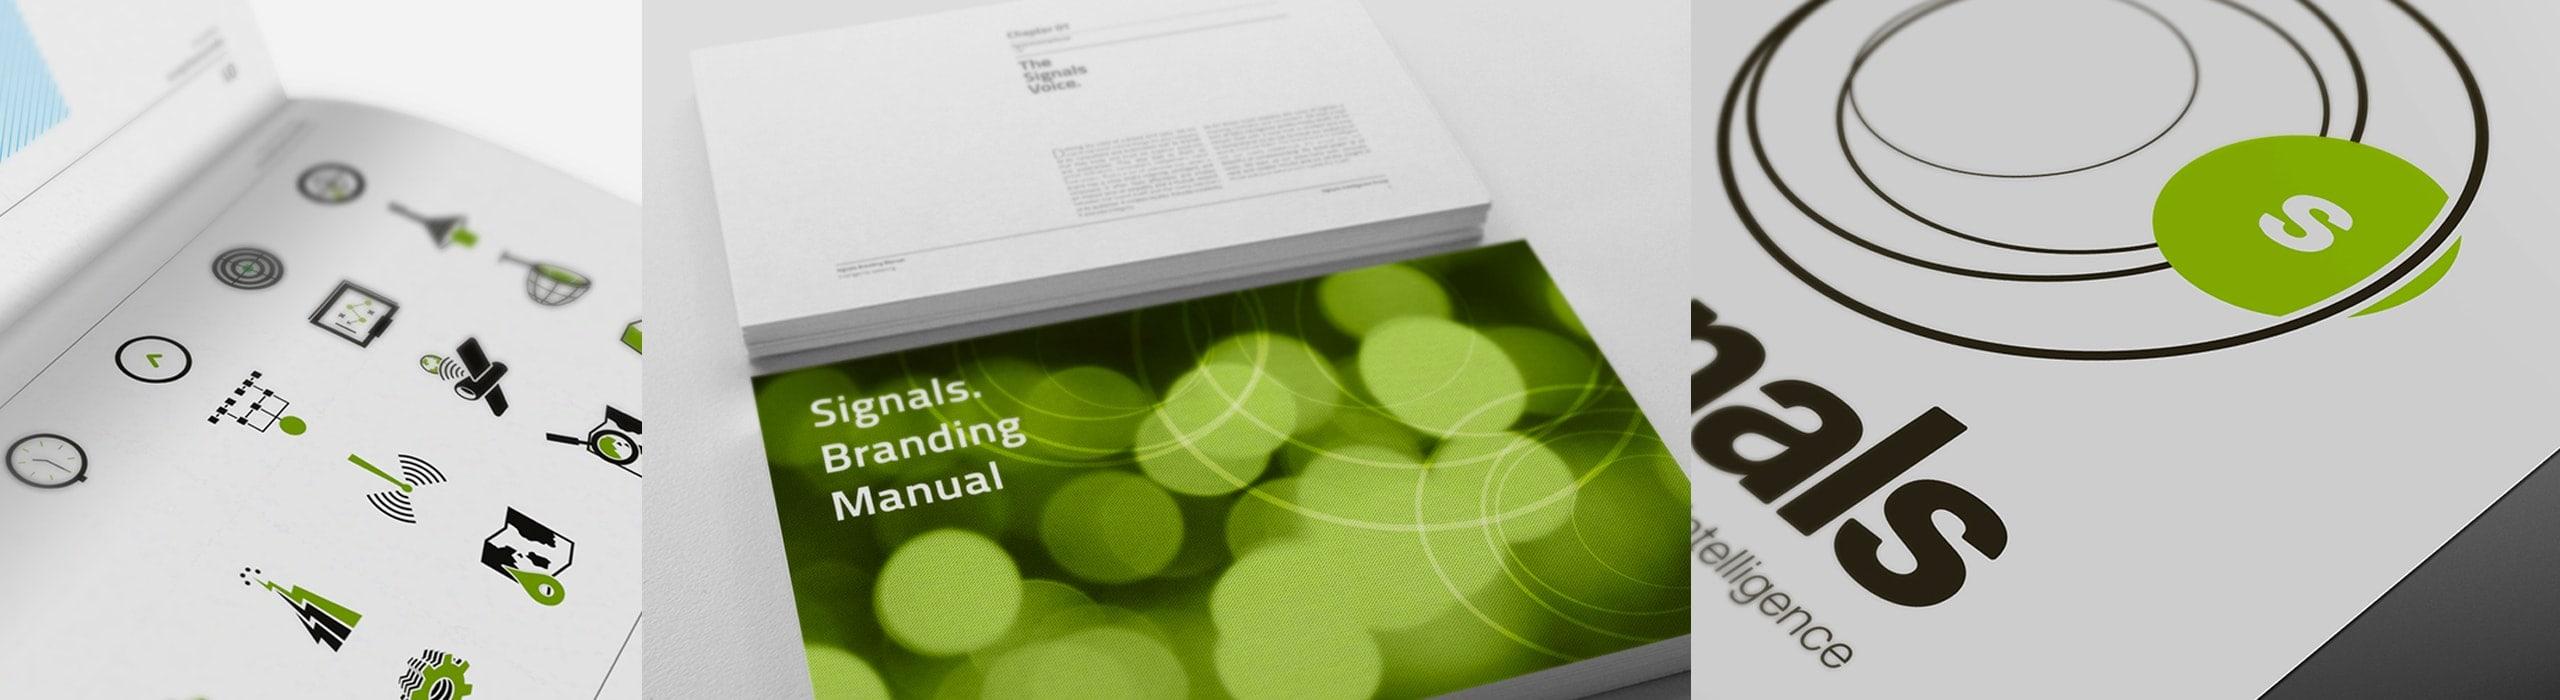 Signals - natie-signals-brandbook-design - Natie Branding Agency